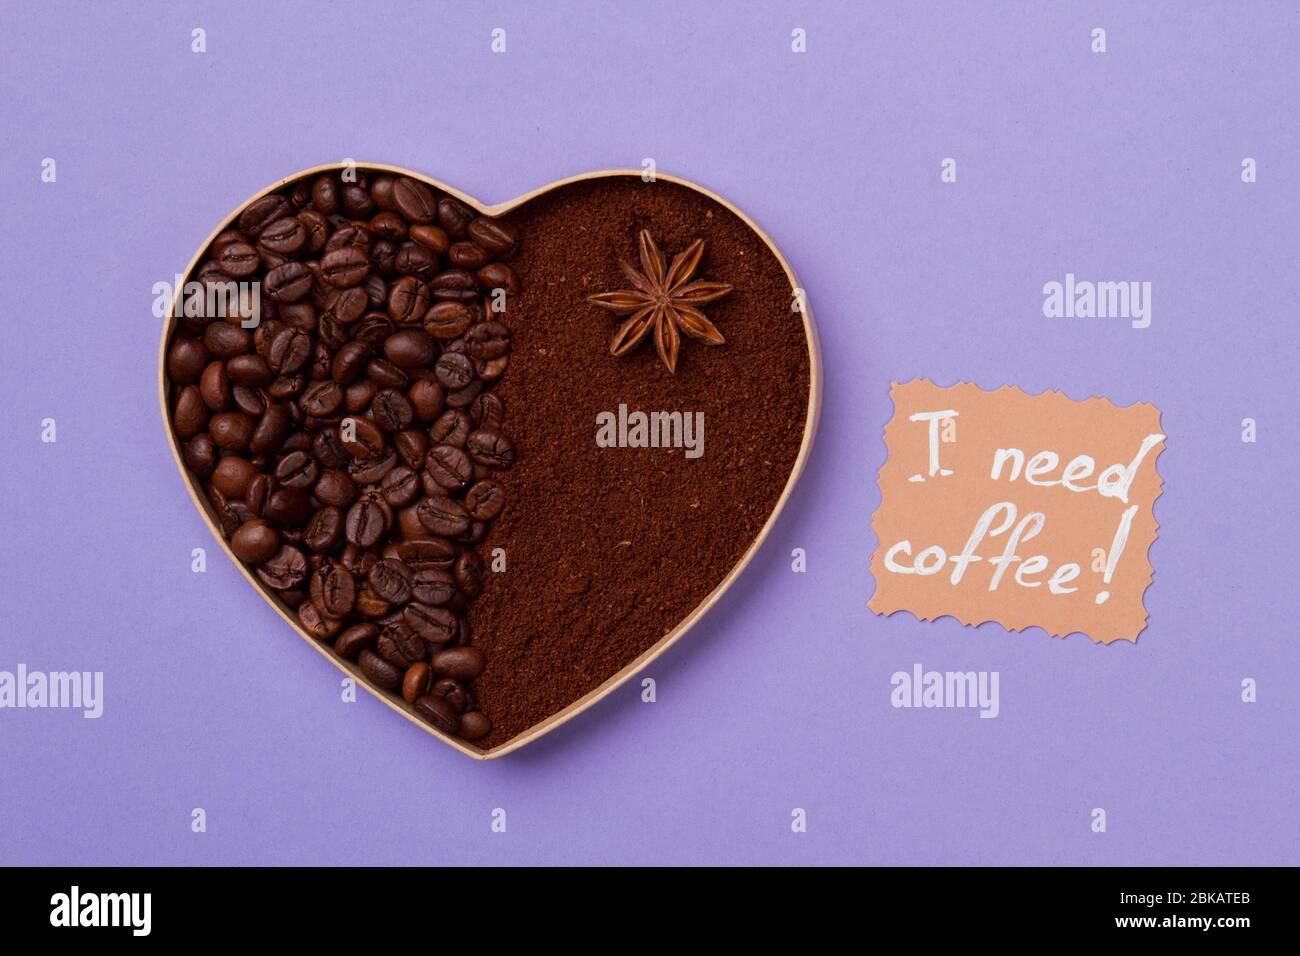 I Heart Coffee Fotos E Imagenes De Stock Pagina 3 Alamy